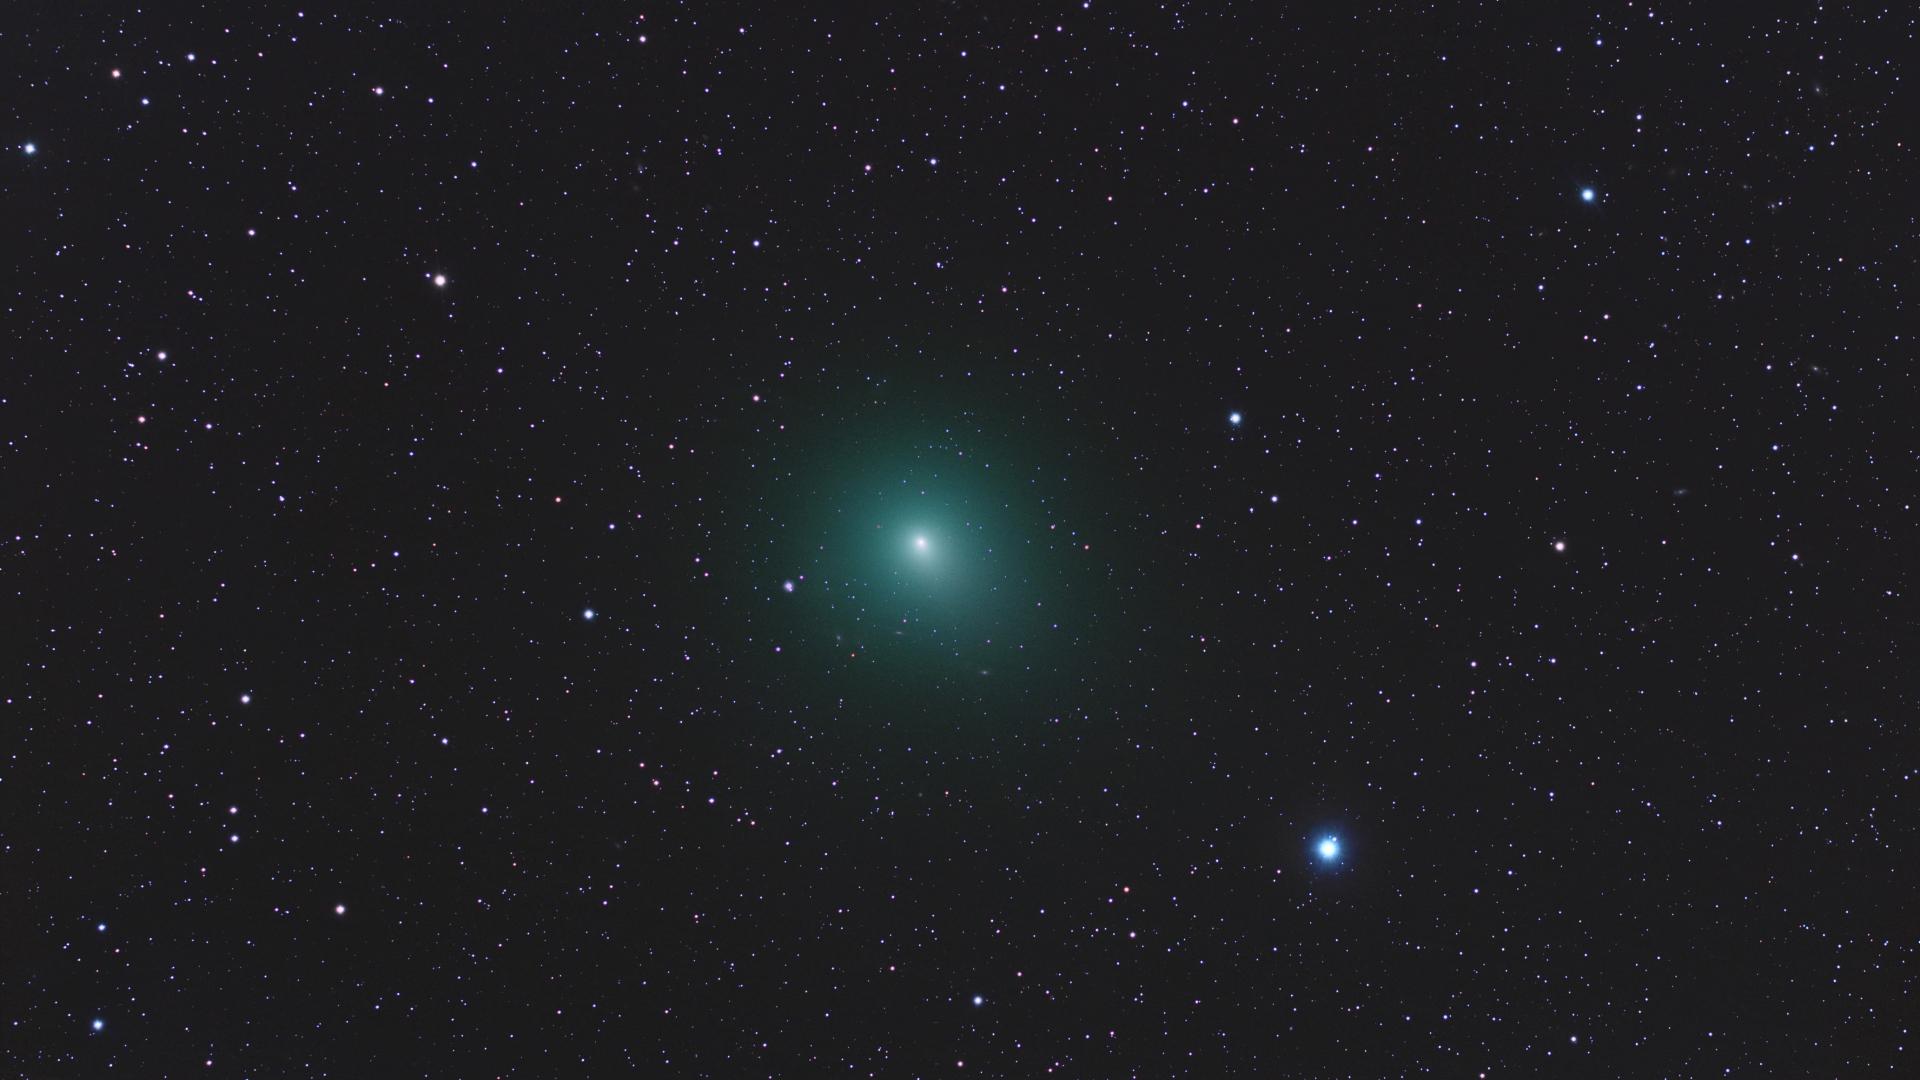 Astros en el espacio - 1920x1080